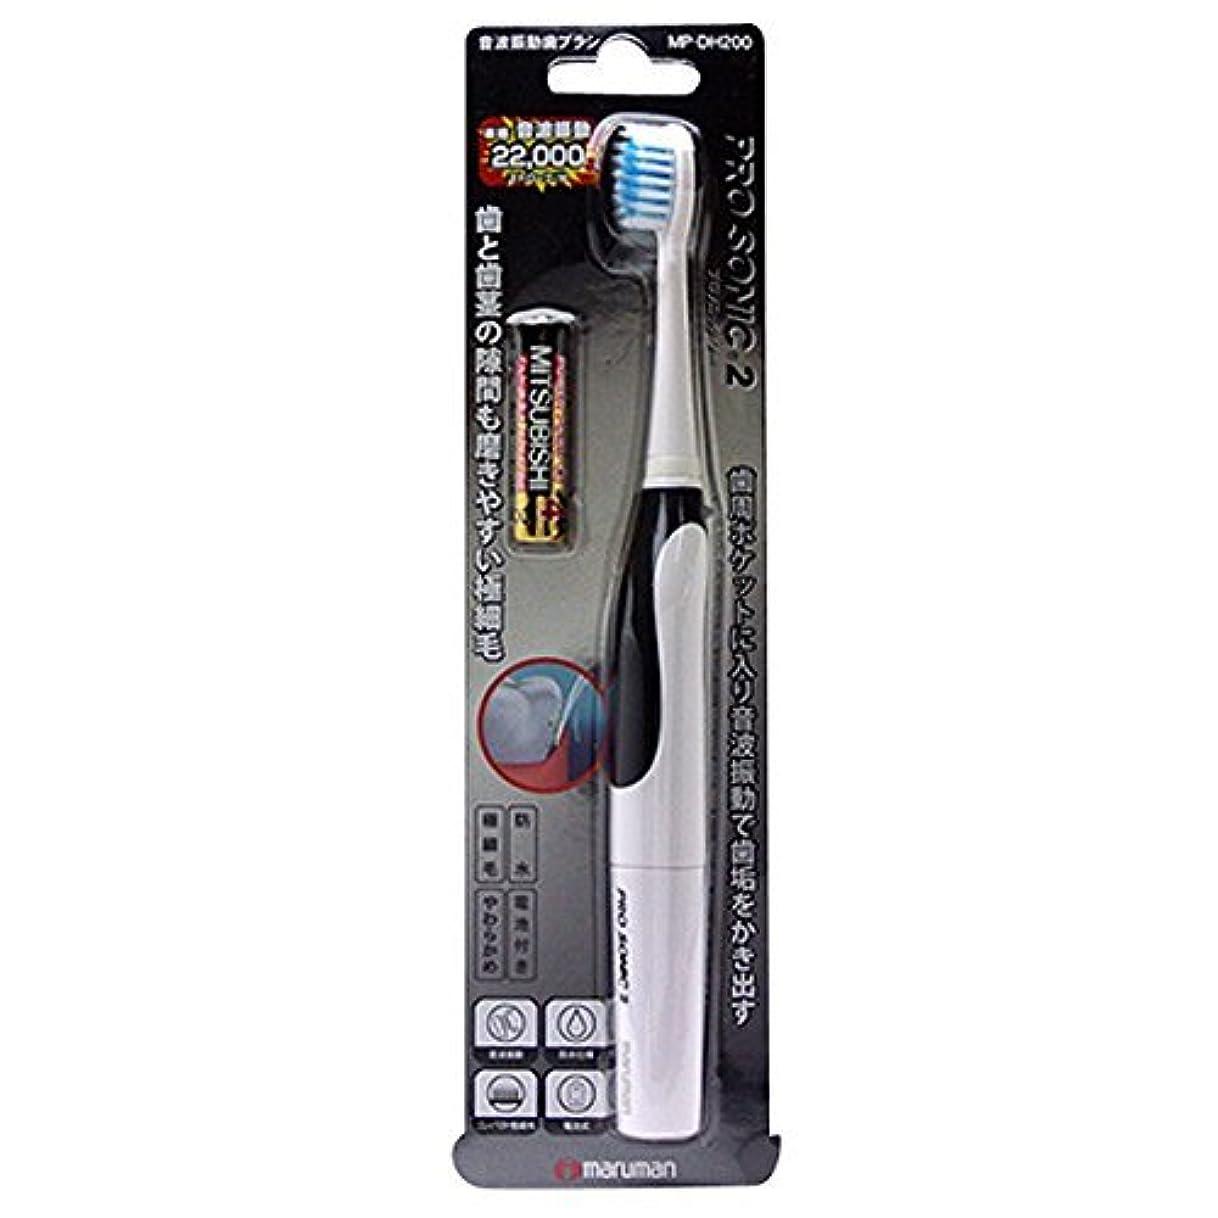 音波振動歯ブラシ PROSONIC2(プロソニック ツー) MP-DH200BK ブラック